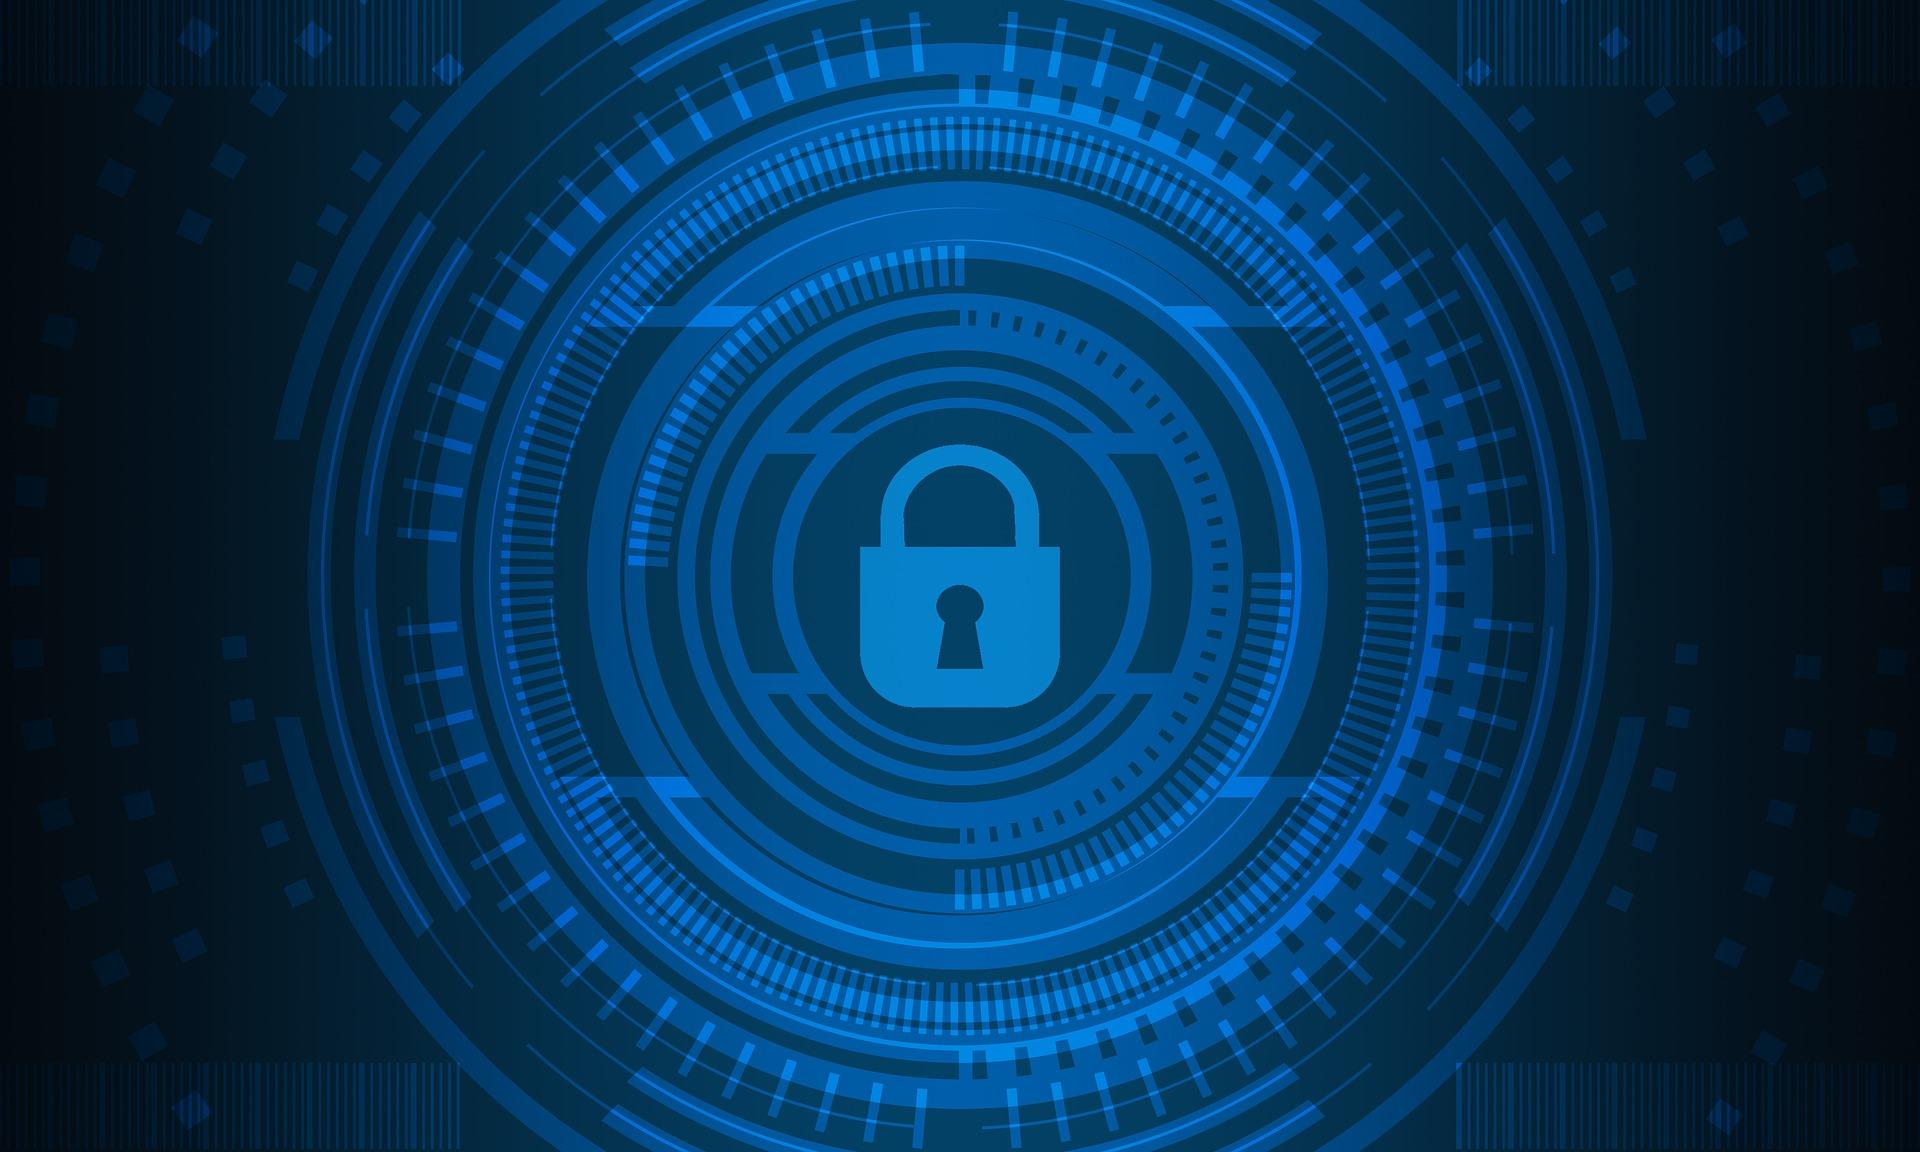 La Audiencia Nacional confirma la sanción de 40.100 euros a Mapfre por infracción de la Ley Orgánica de Protección de Datos